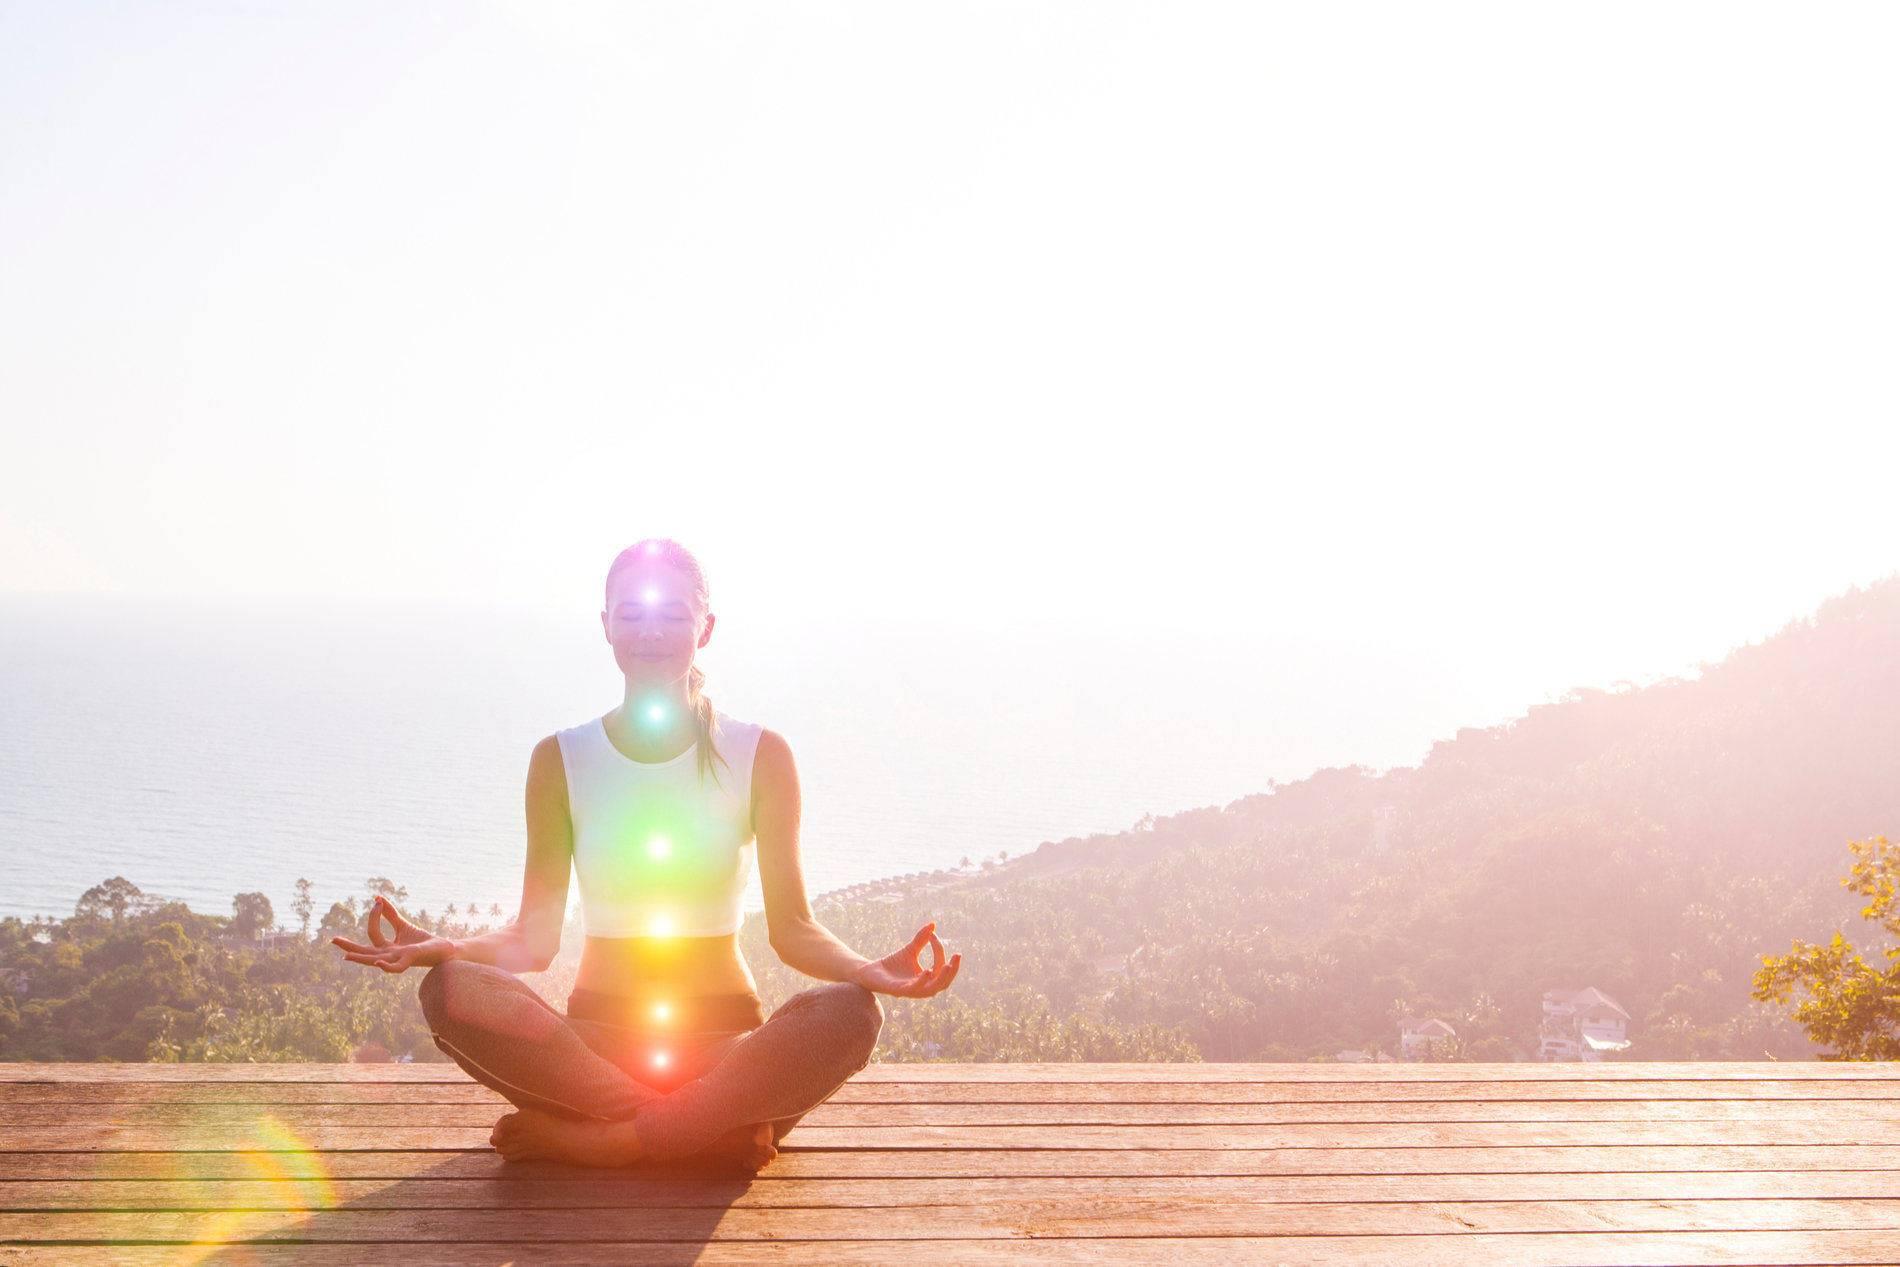 25 привычек, которые помогут сделать жизнь продуктивнее и счастливее